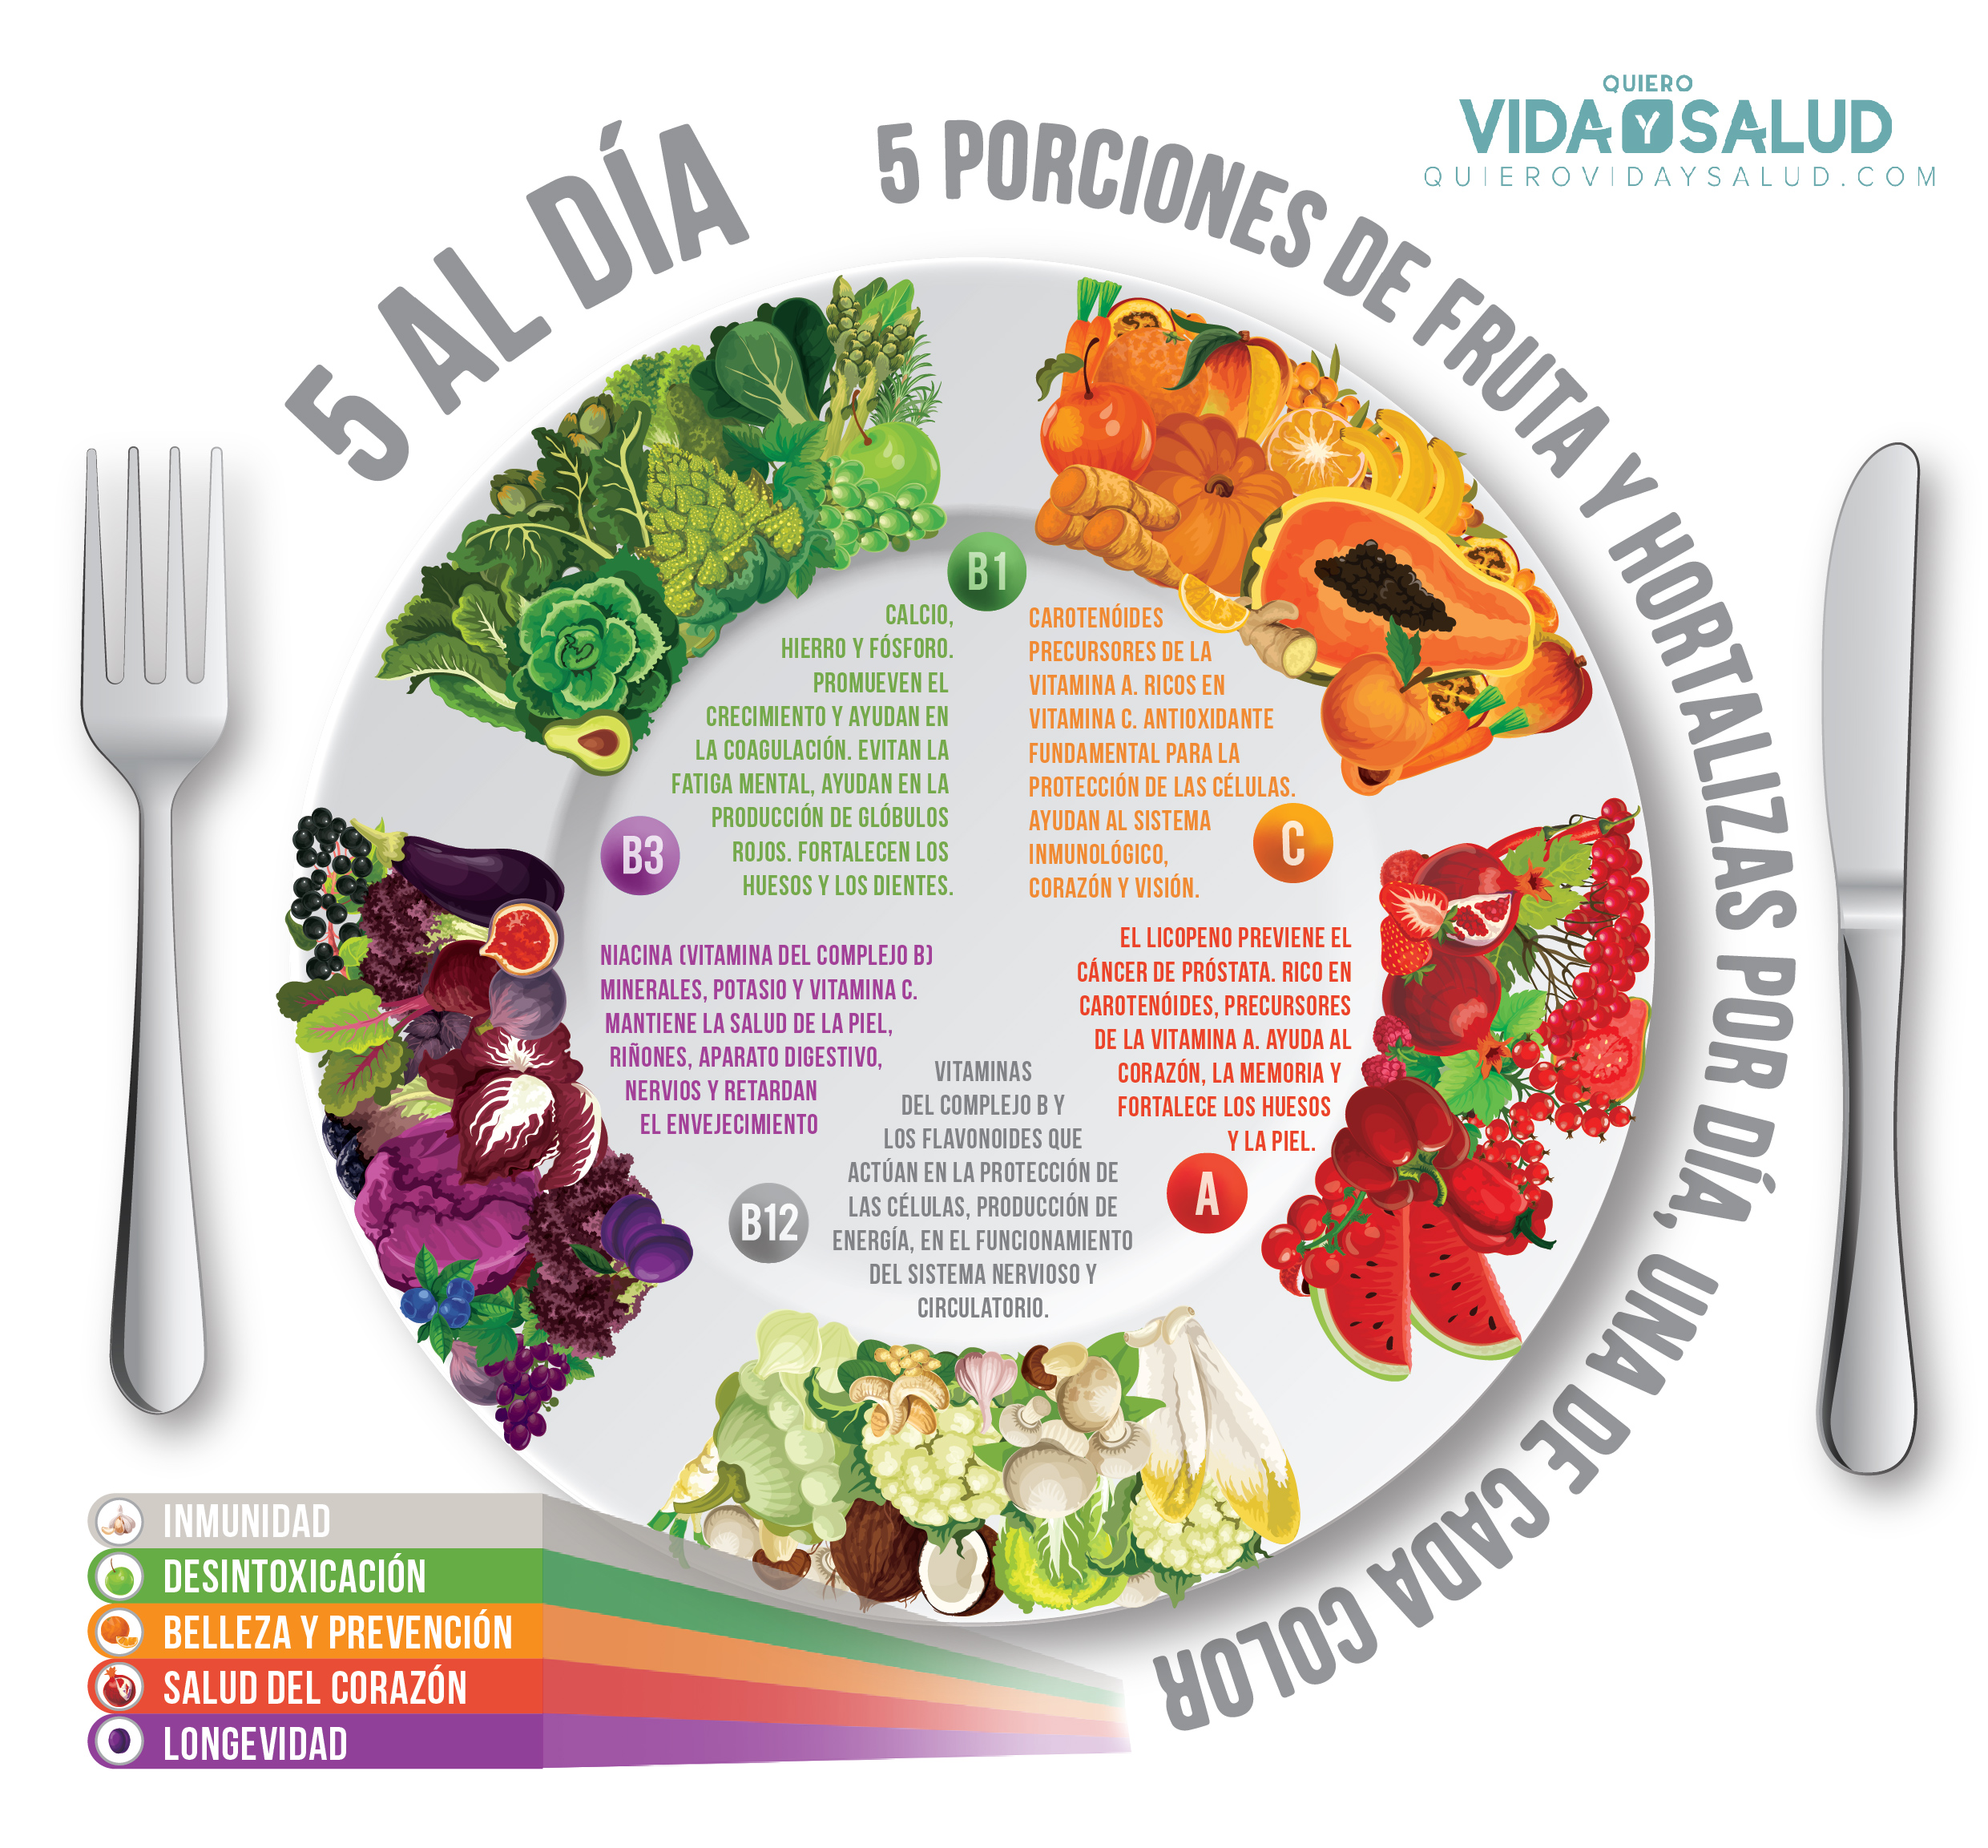 Menú Vegetariano Completo Para 7 Días Quiero Vida Y Salud